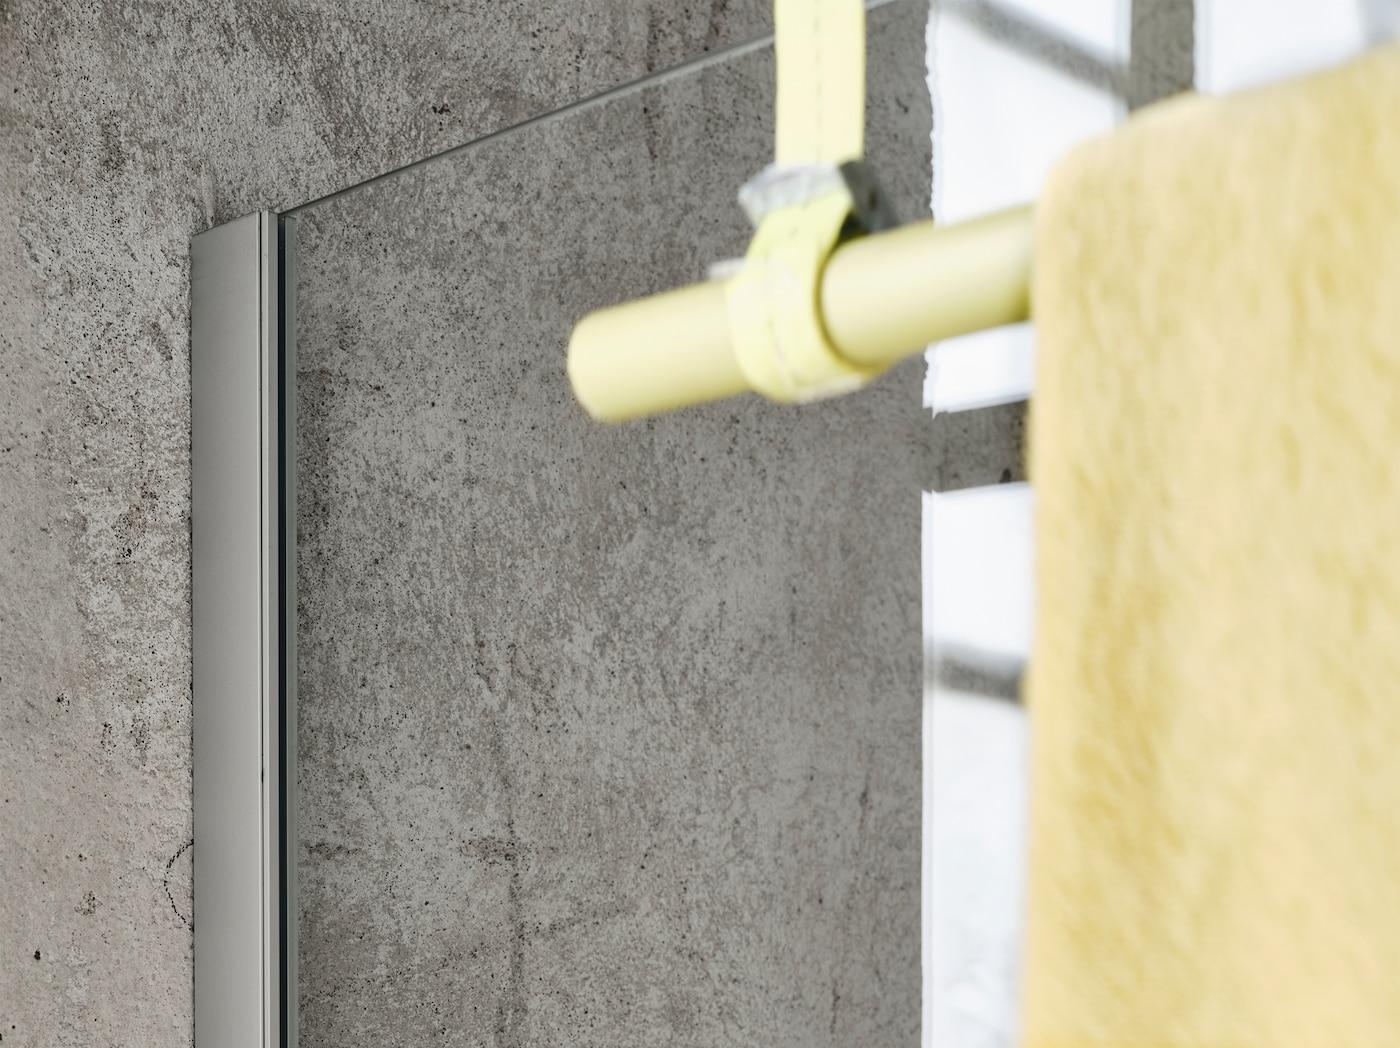 产品特写:一面带有黄色挂杆的OPPEJEN 奥佩耶恩 淋浴隔断固定在灰色混凝土墙面上,前景中还挂着毛巾。